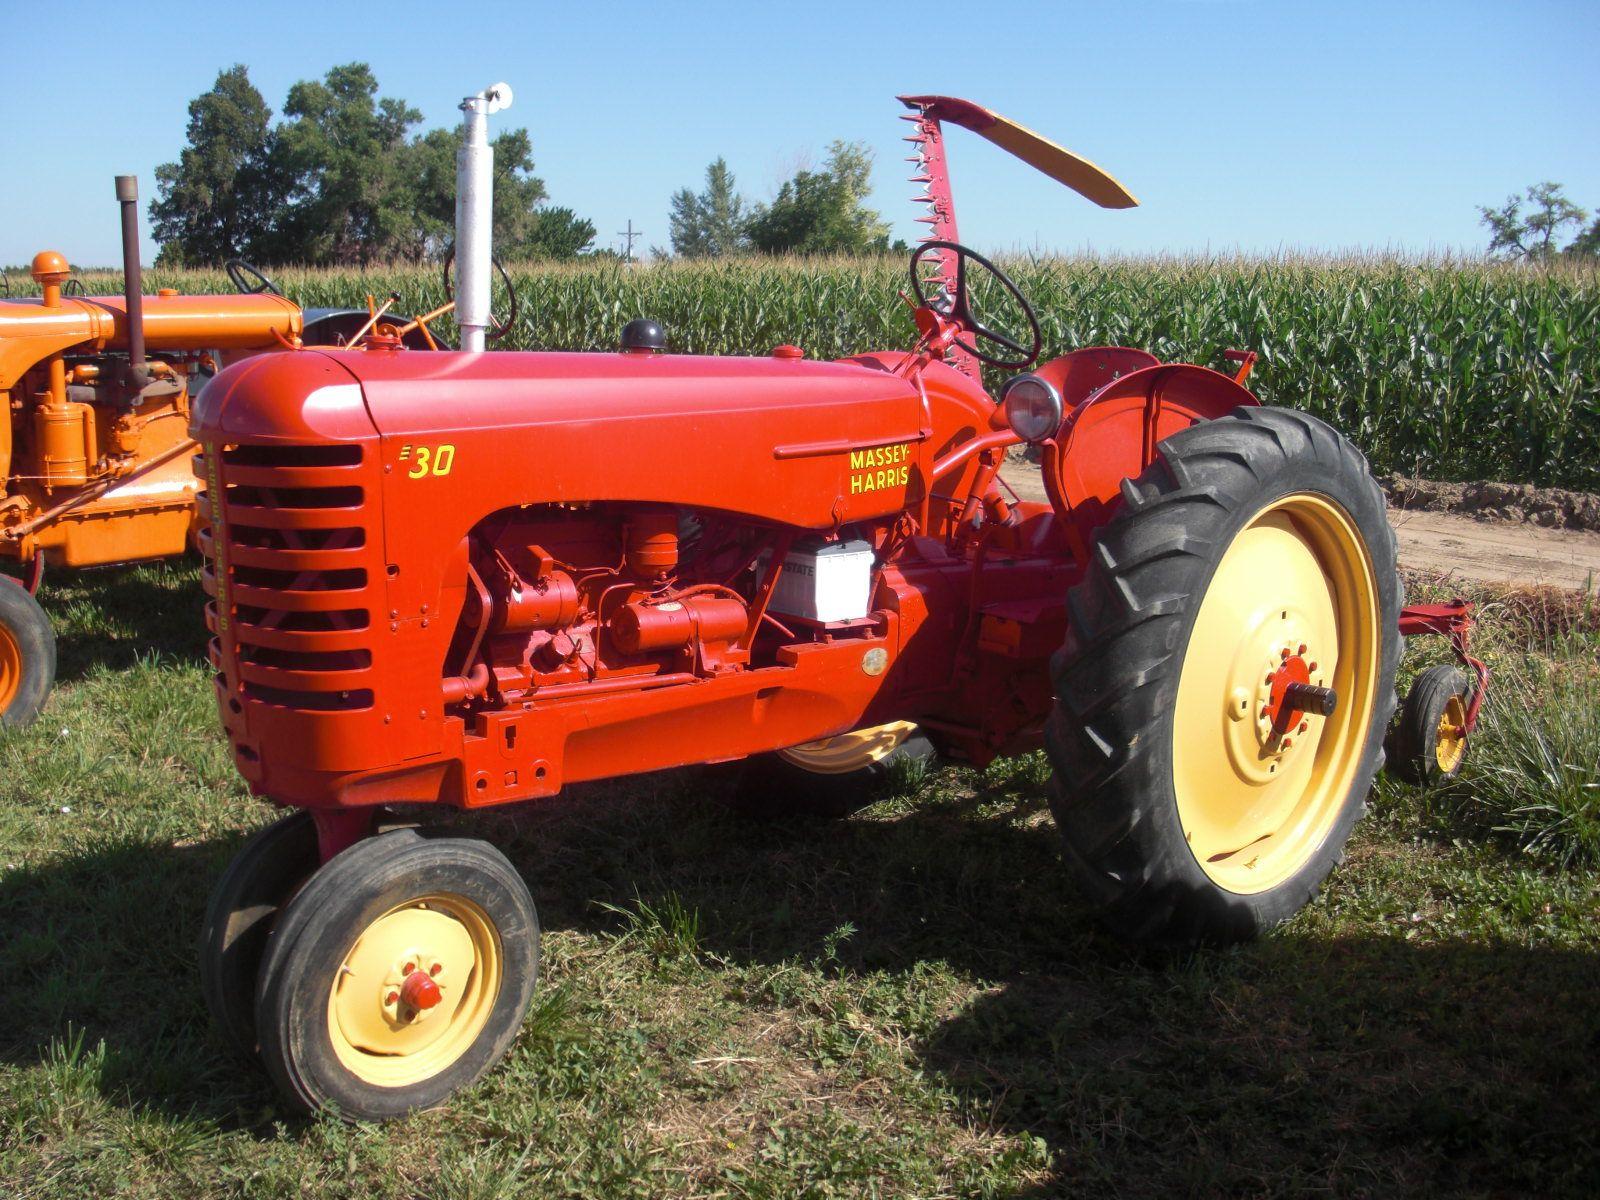 Massey Harris Tractor : Massey harris google search tractors made in racine